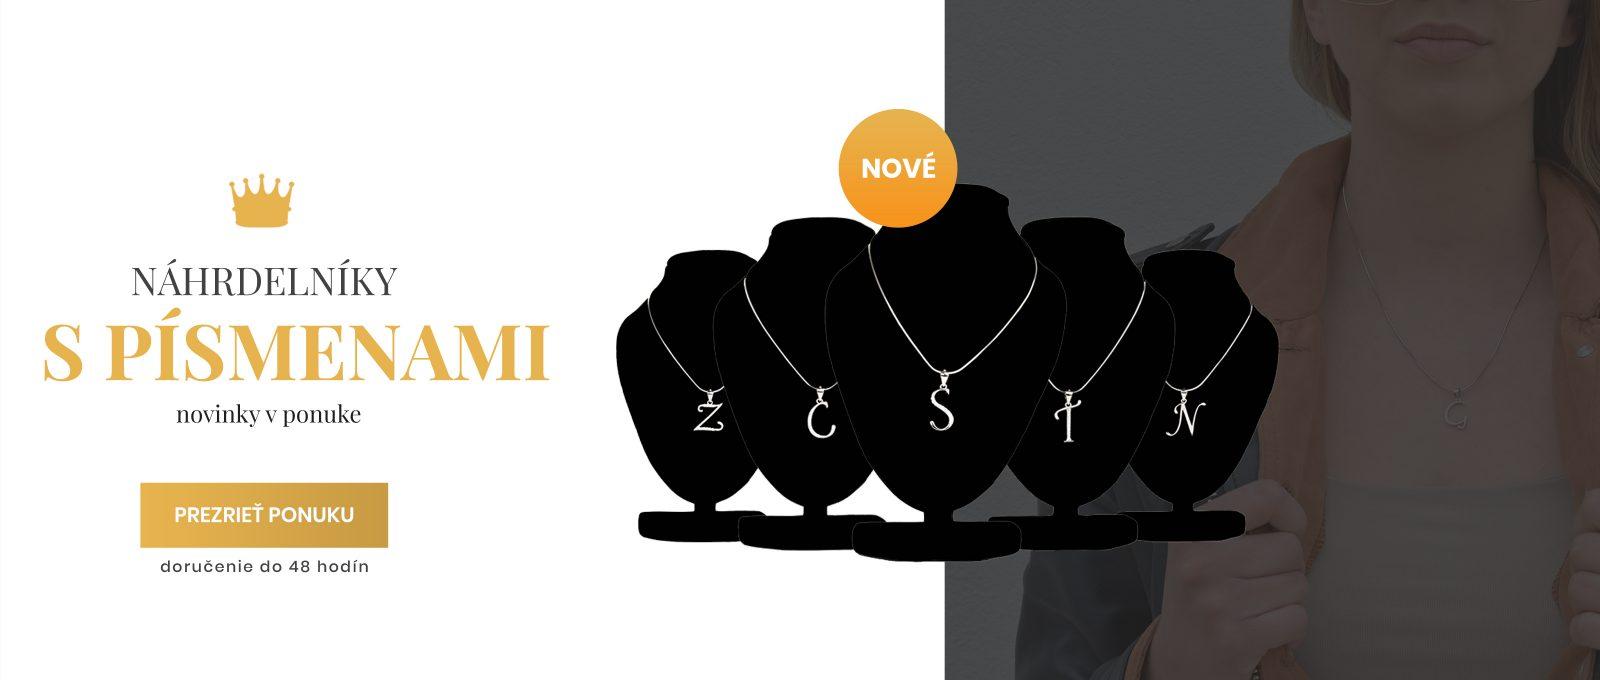 náhrdelniky s písmenami